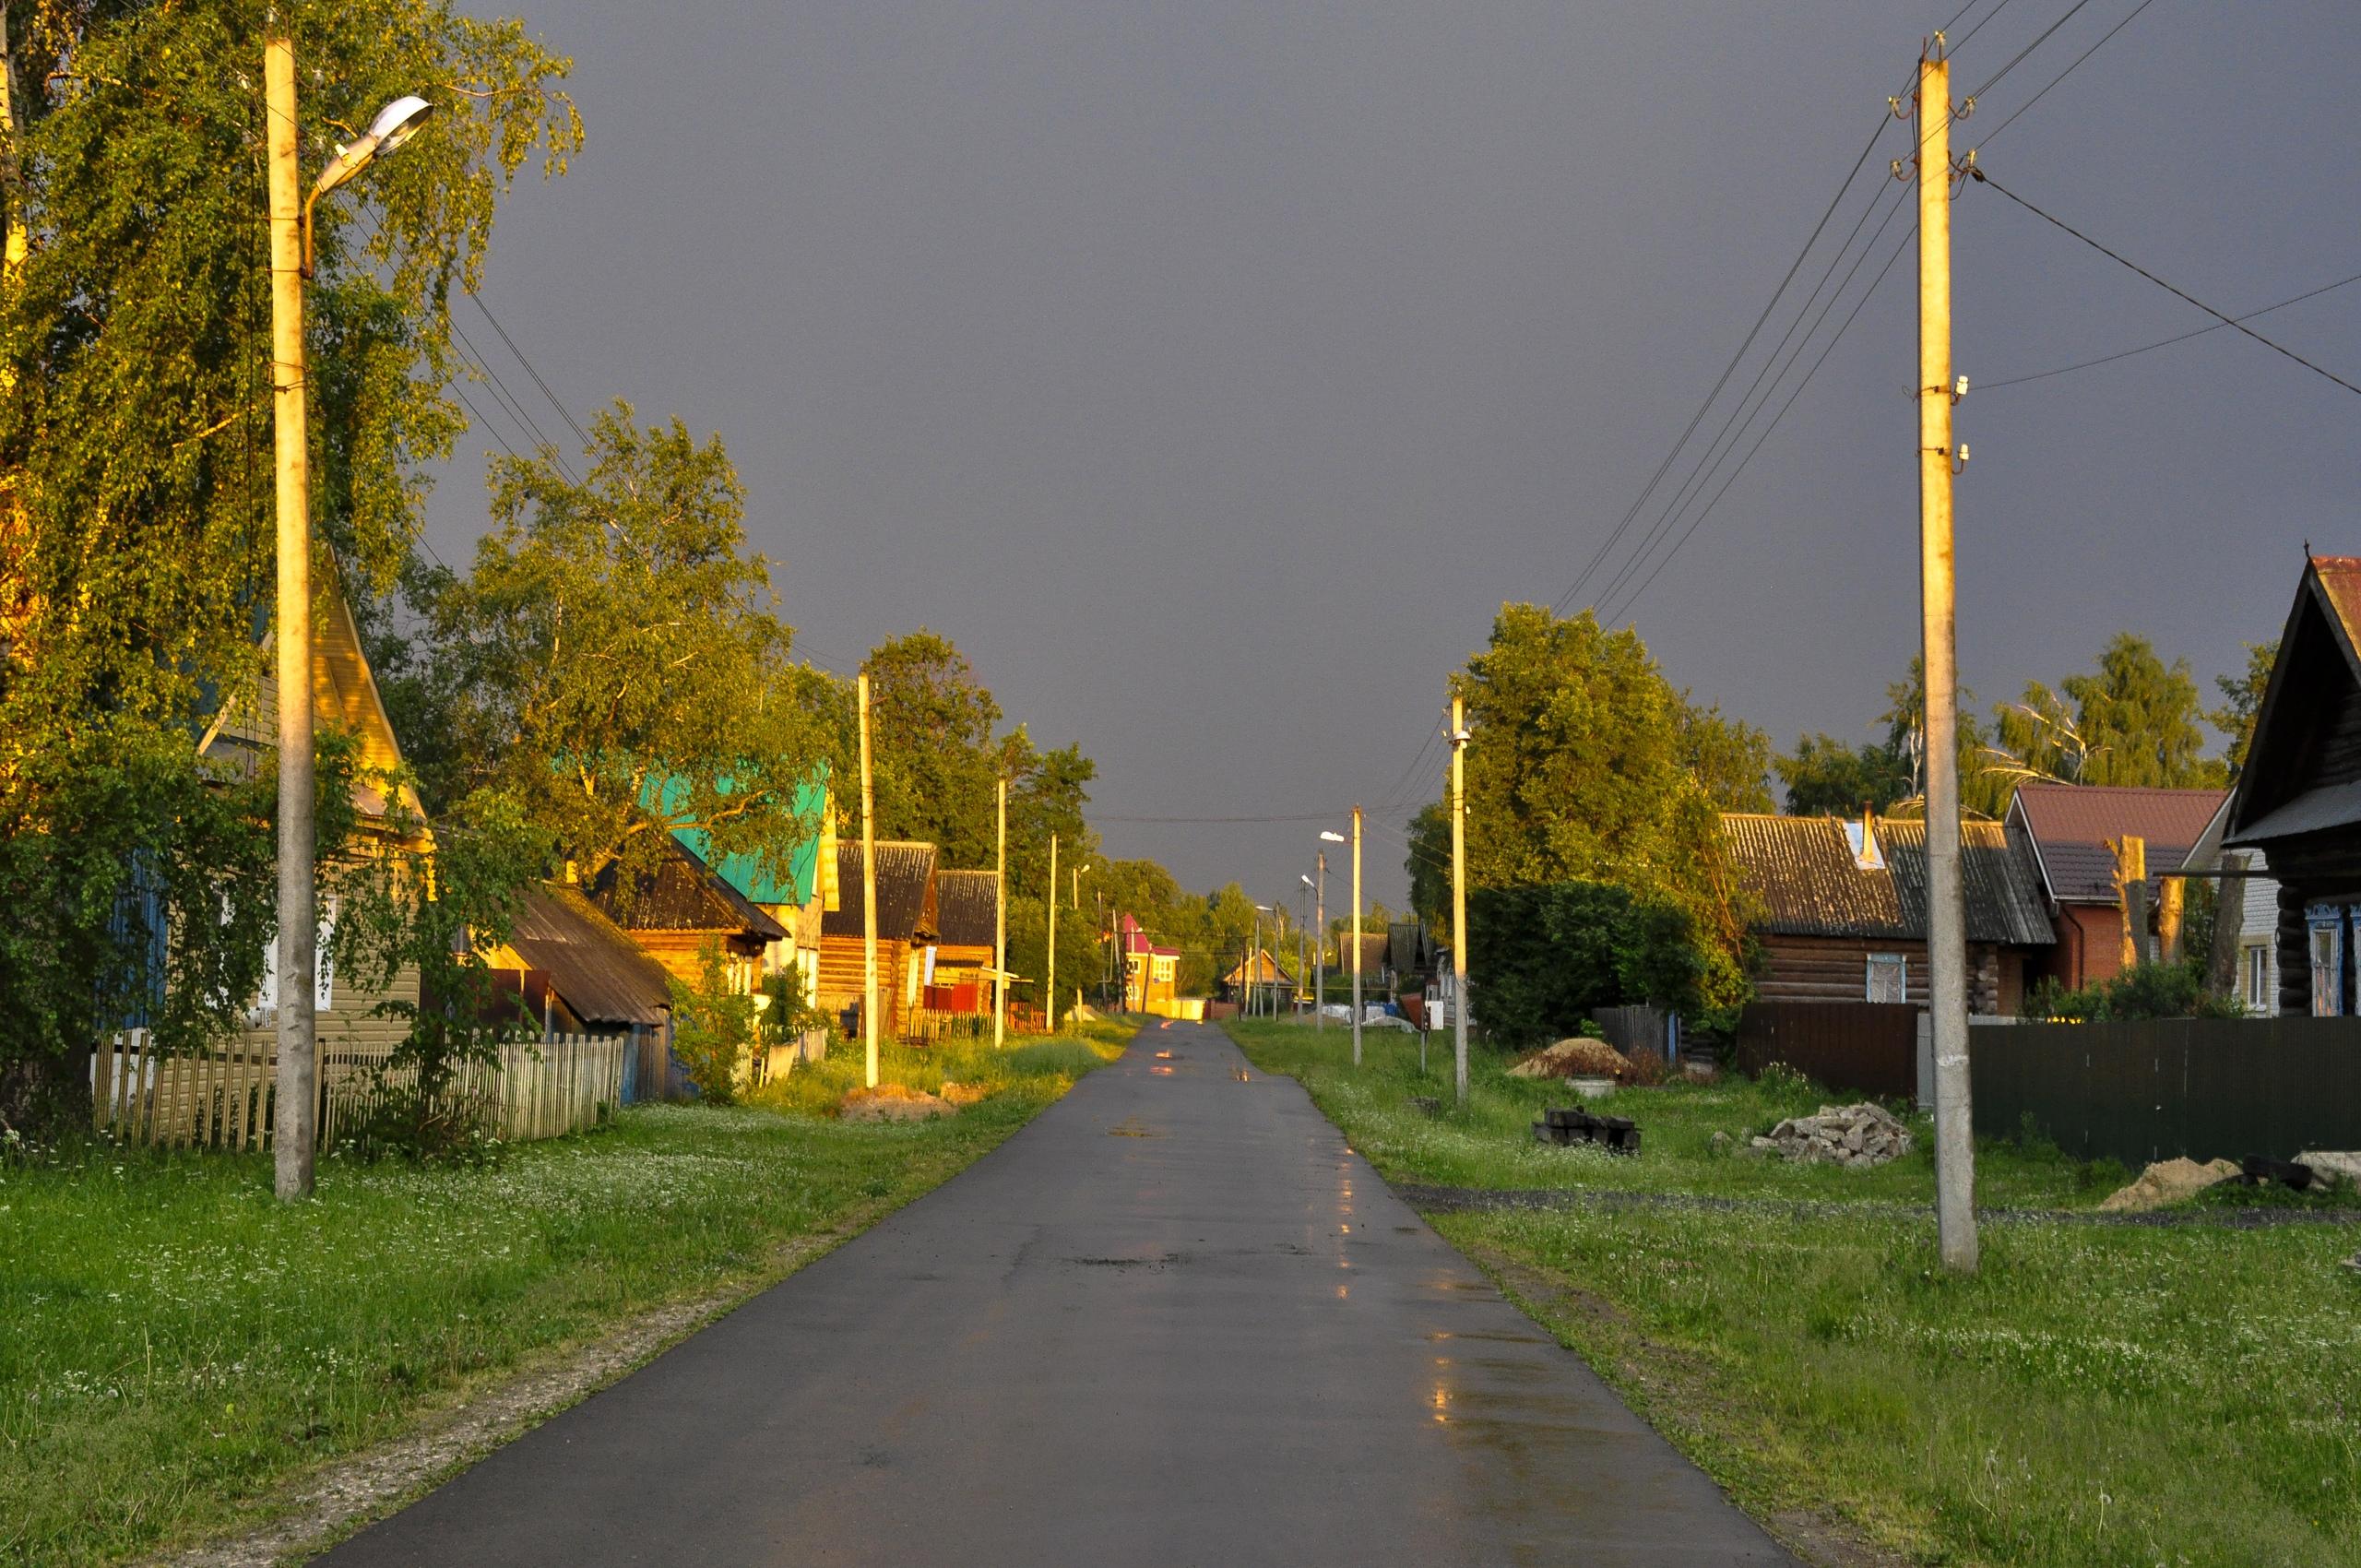 УТРО После дождя